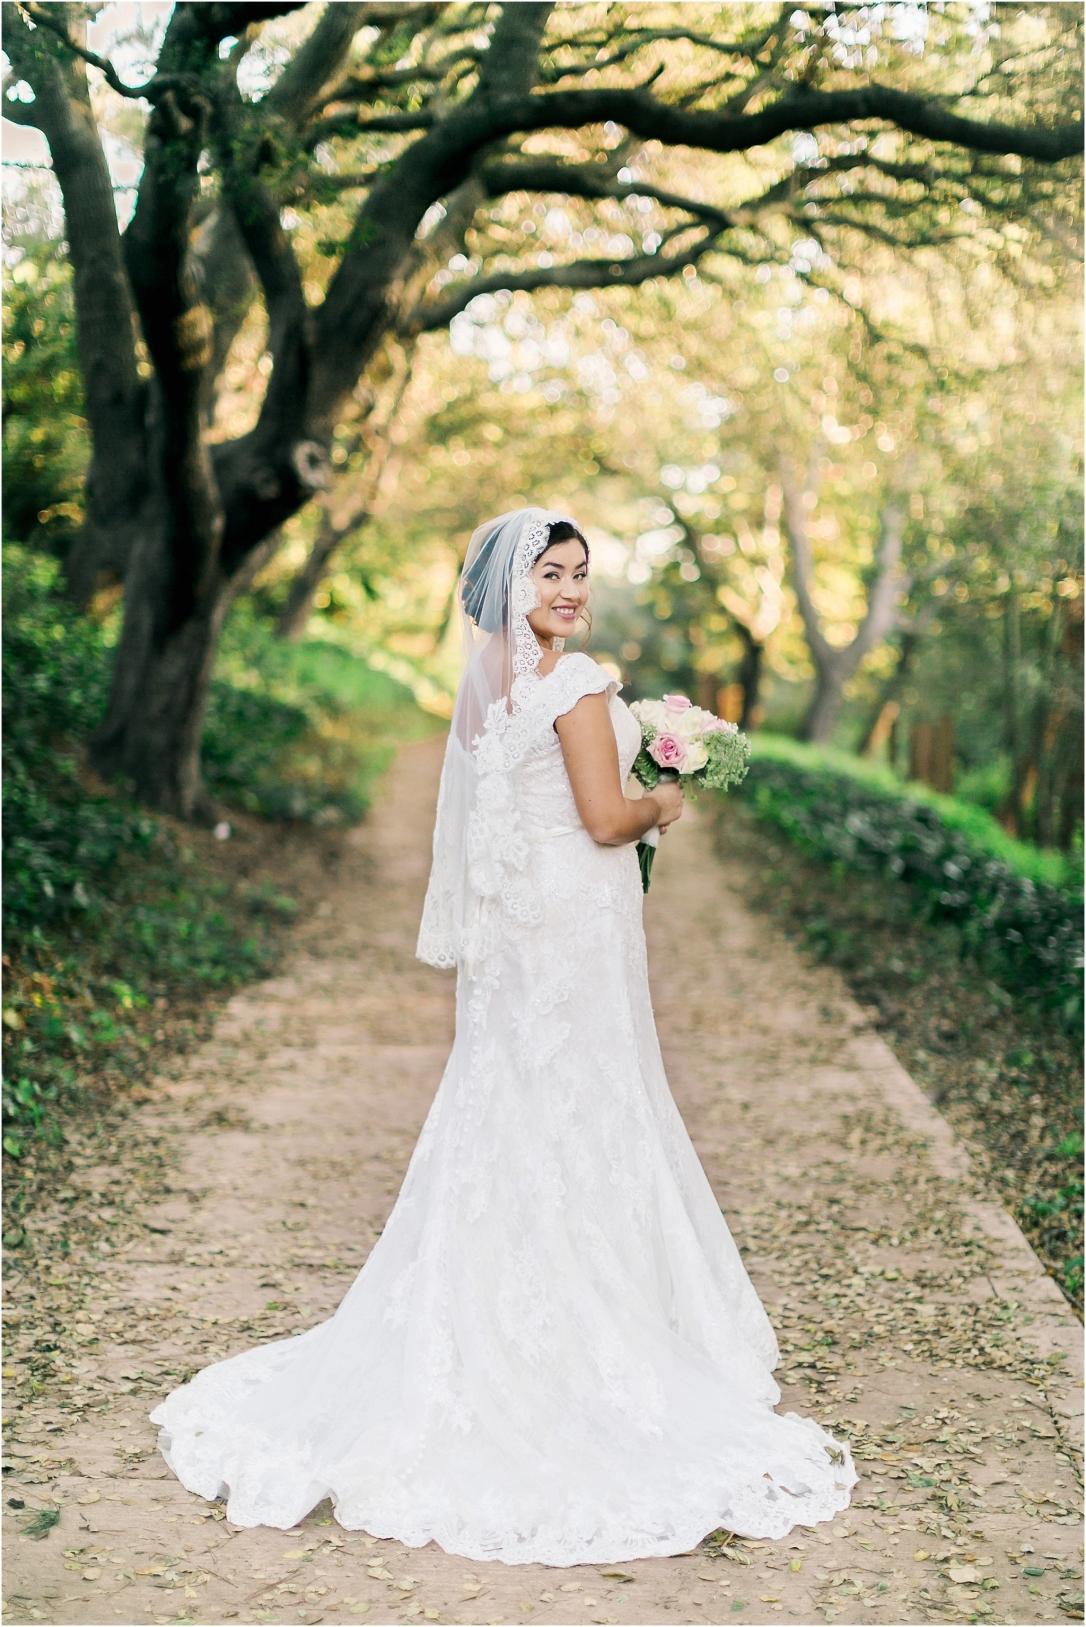 Rubidia C Photography Oakland Bay Area Walnut Creek Bay Area oakland SF Wedding Photographer CA_0108.jpg